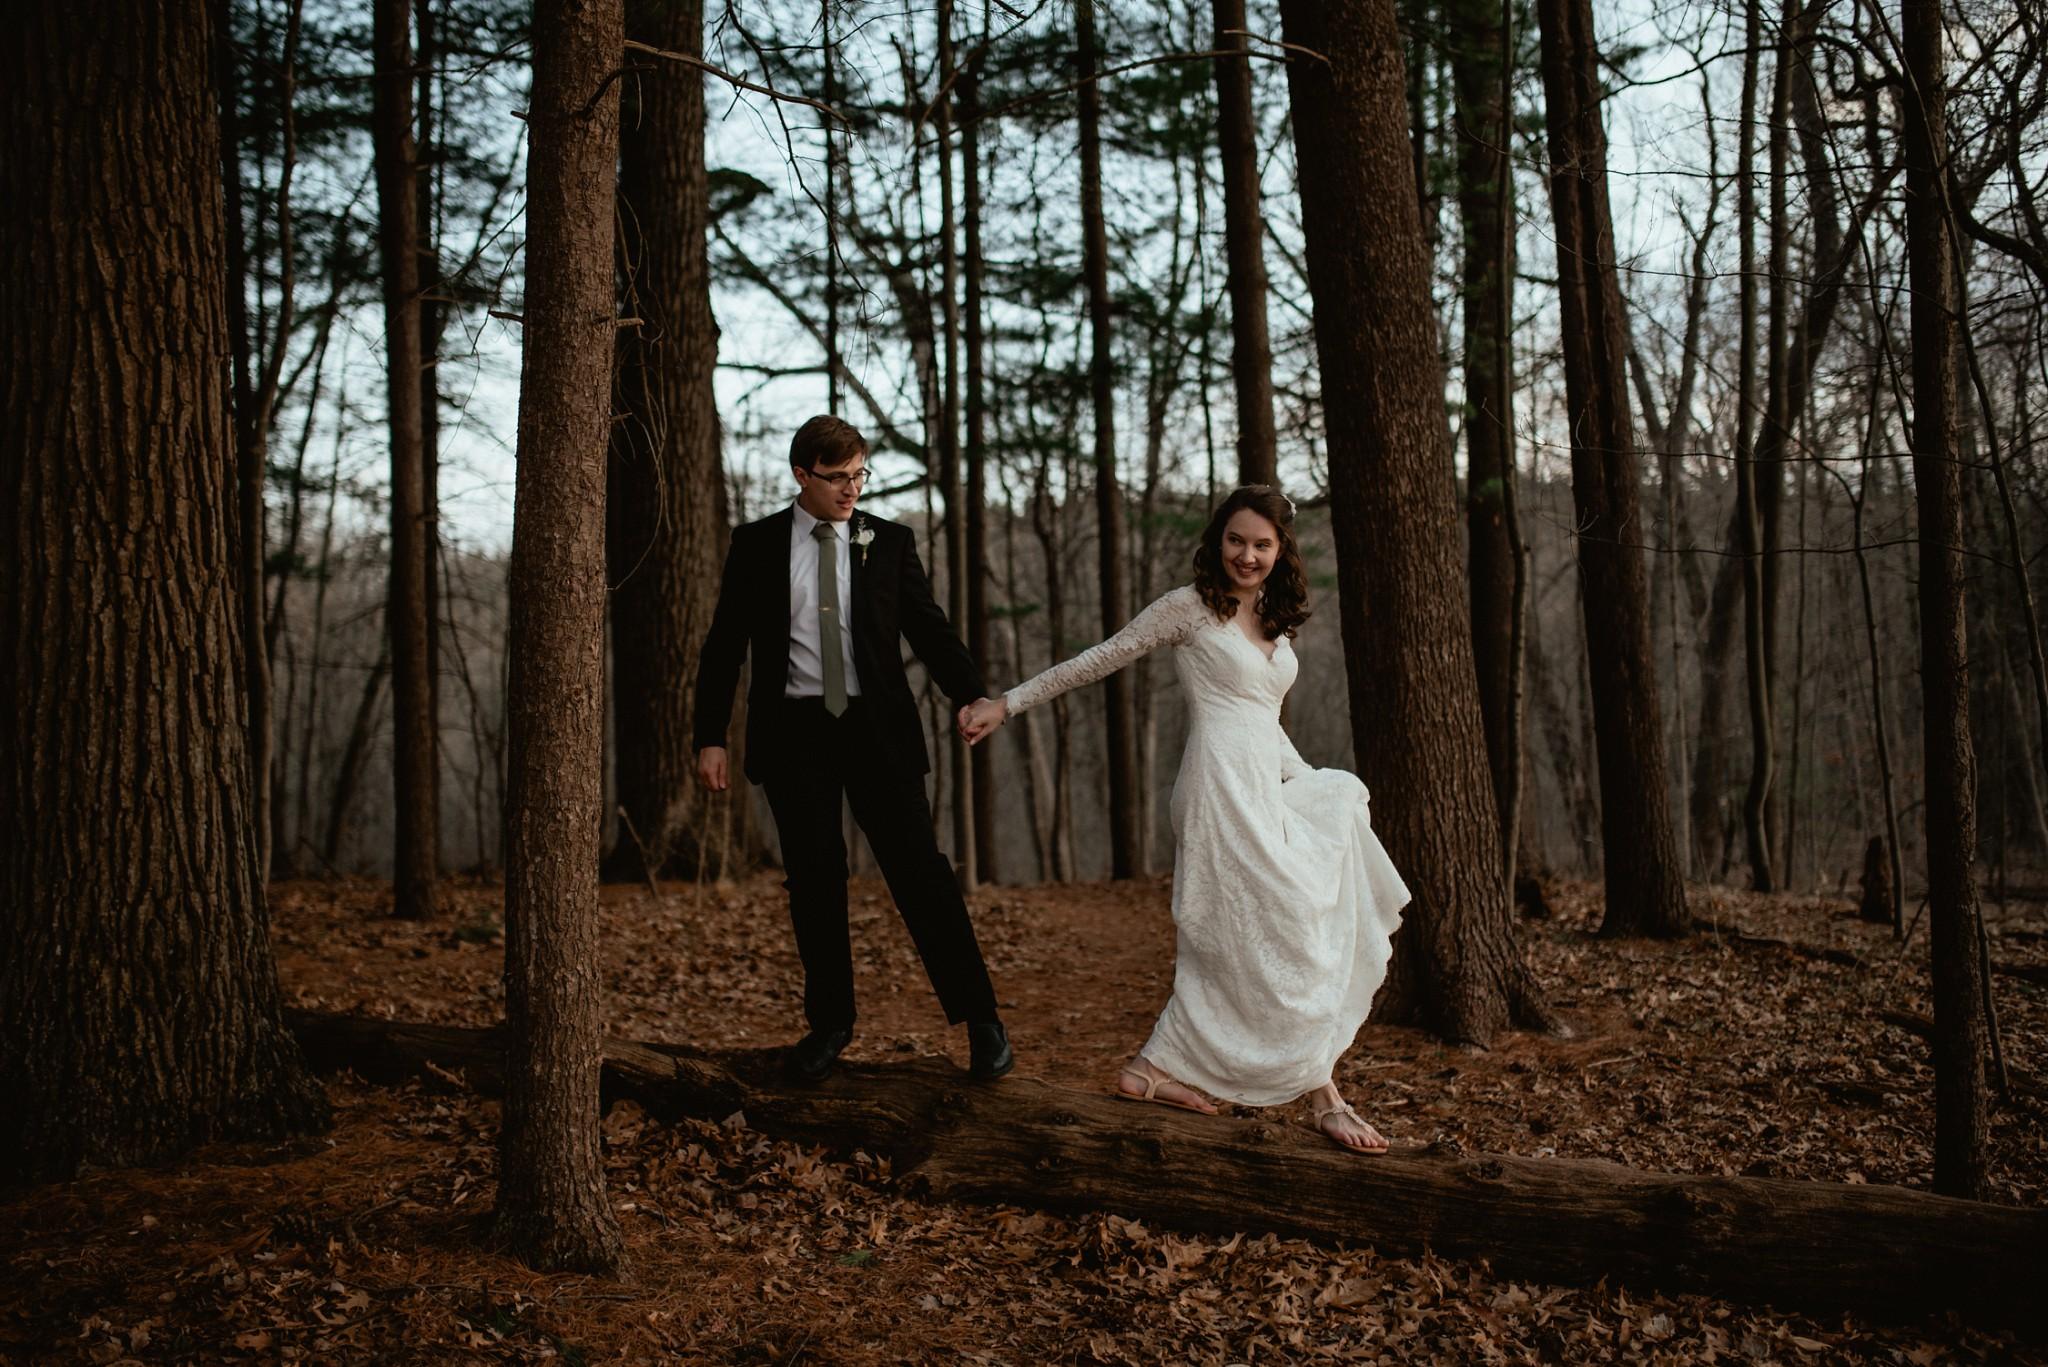 Michigan elopement in the woods